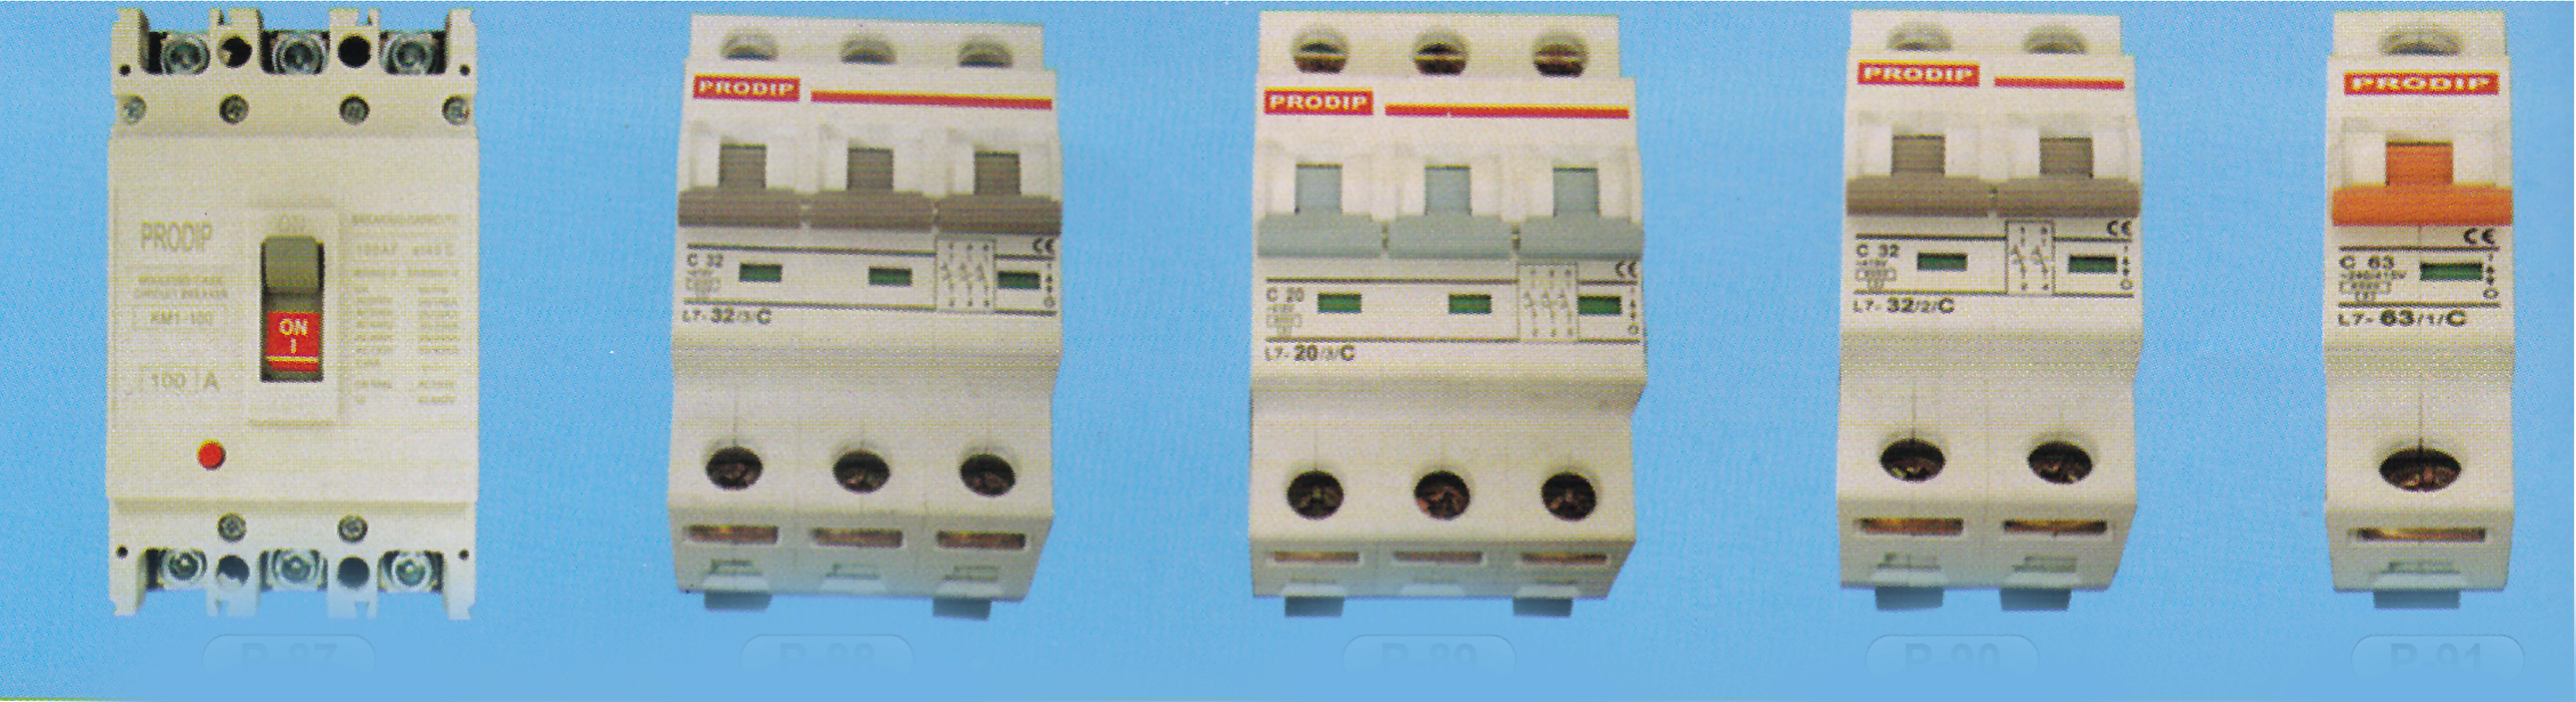 Circuit Breaker (MCB & MCCB) Image